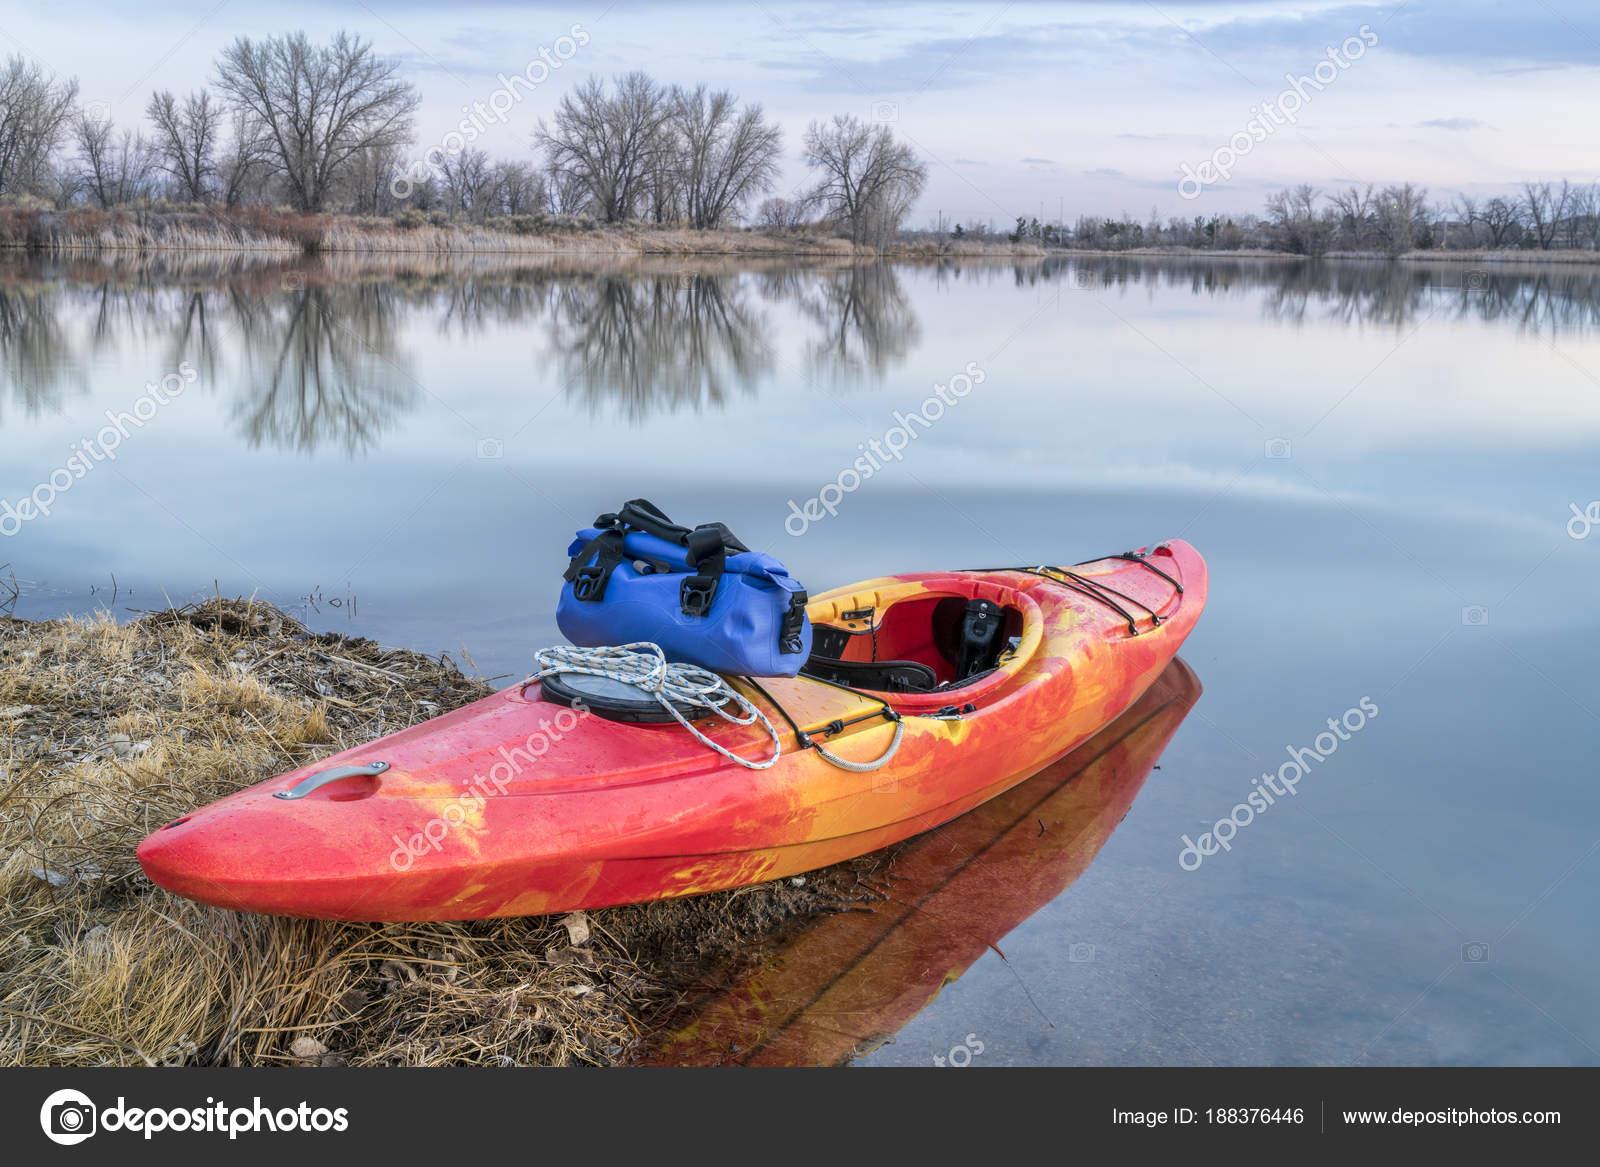 whitewater kayak on lake stock photo pixelsaway 188376446